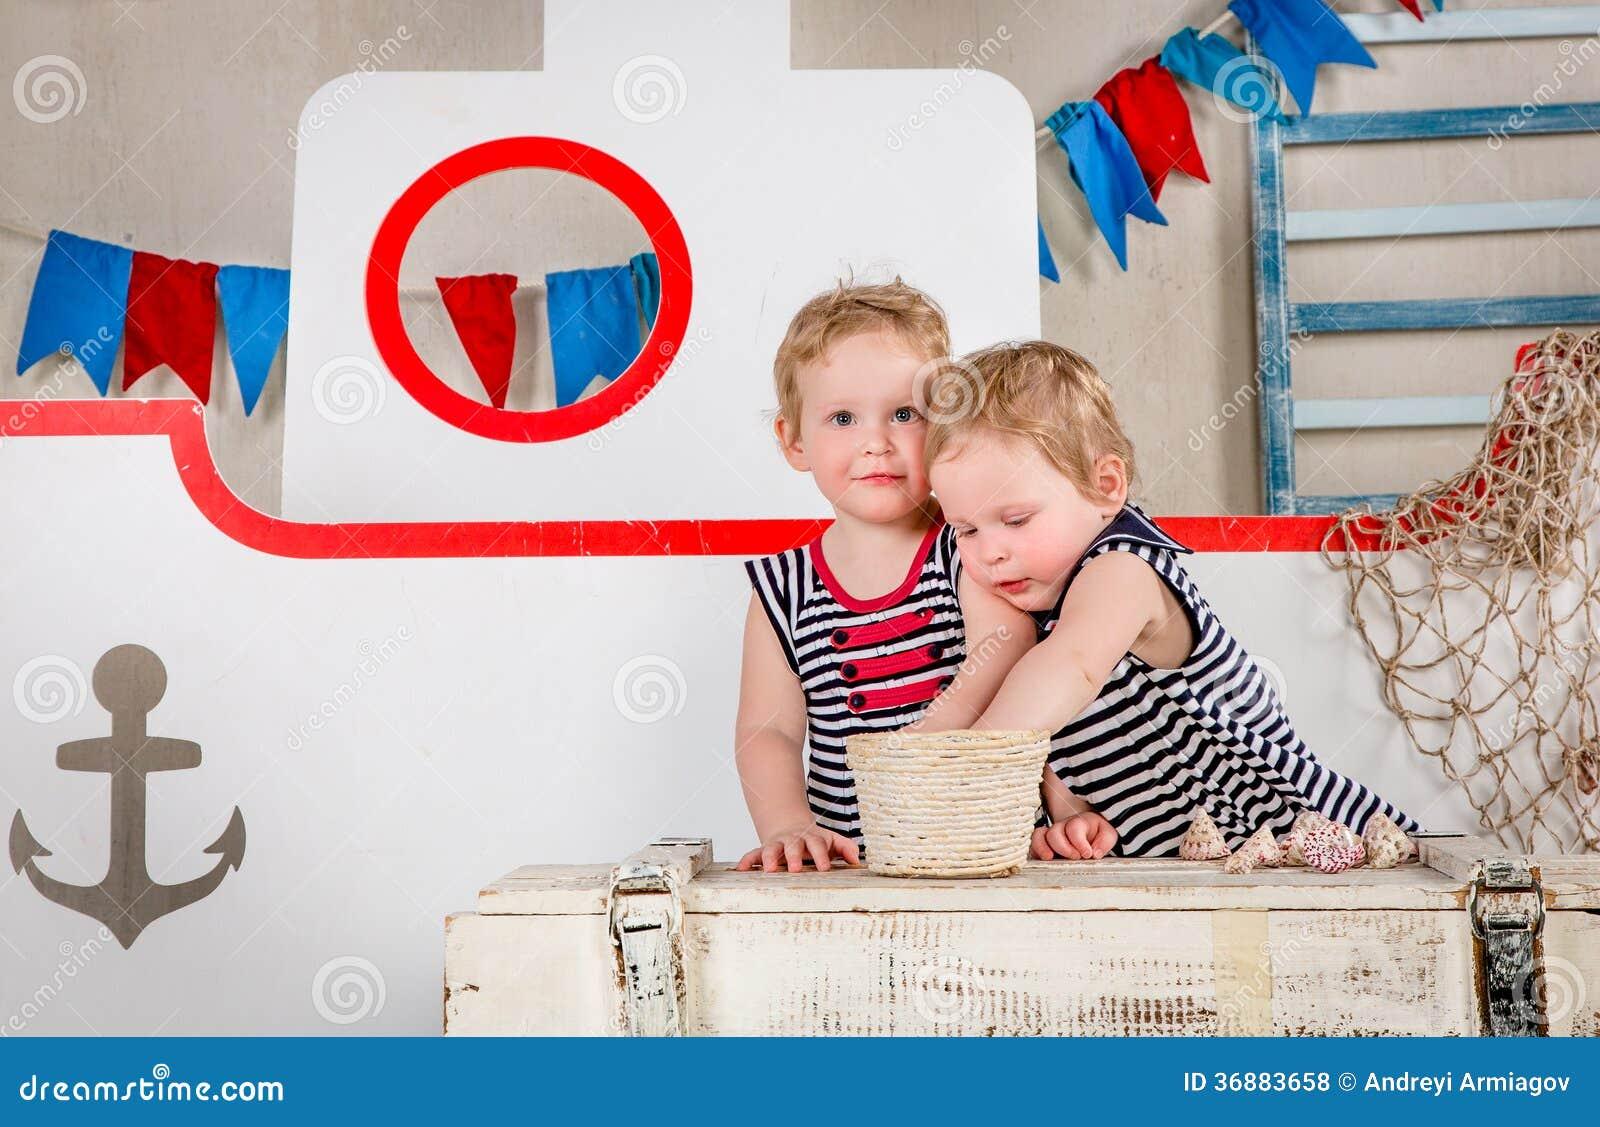 Download Gioco di bambini. fotografia stock. Immagine di giocattolo - 36883658